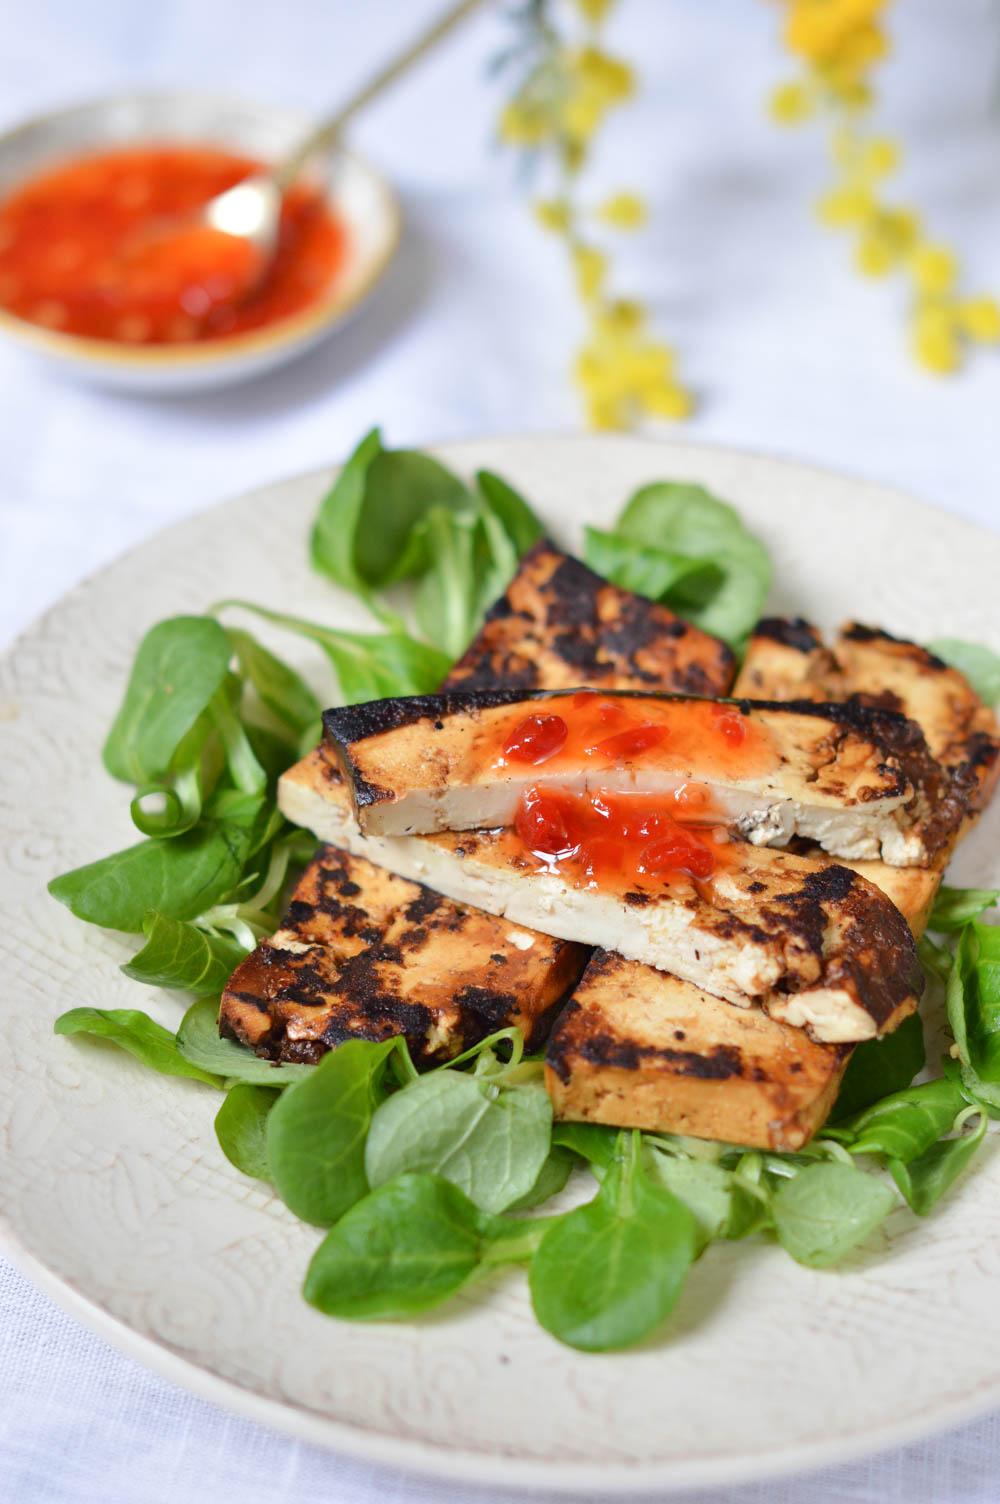 Tofu marinado con jengibre y miel   La Cuchara Azul El tofu no es algo con  lo que haya experimentado mucho, pero conozco una tienda de alimentación  china que tiene muchísimas cosas,